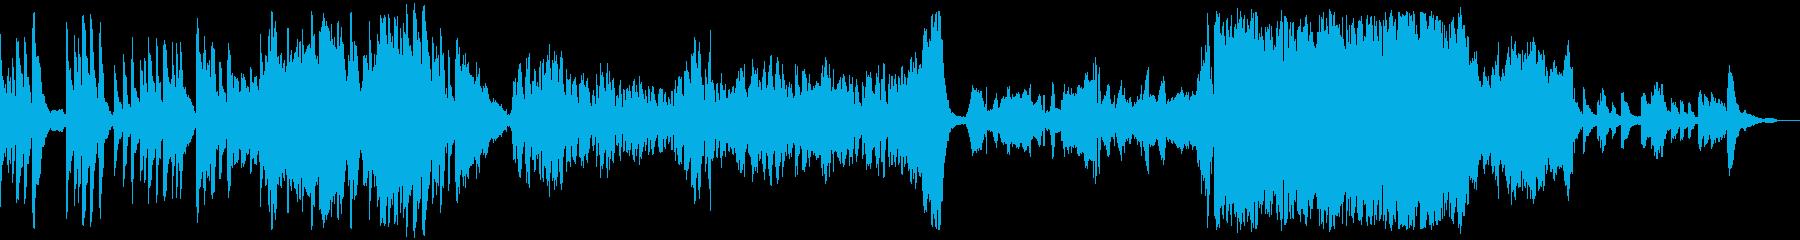 悲しい切ない回想BGMの再生済みの波形